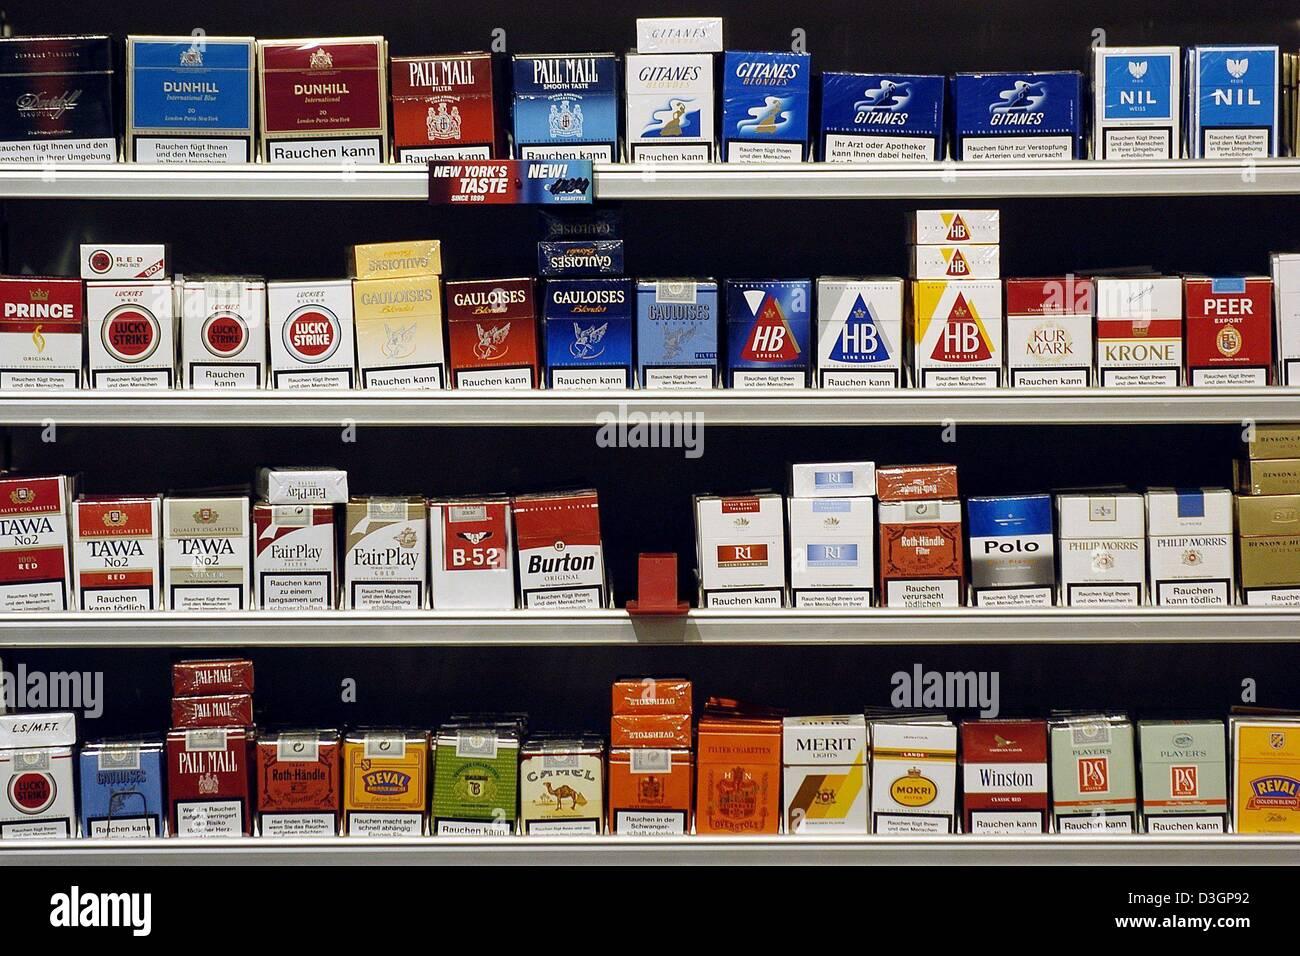 cigarettes on shelf photos cigarettes on shelf images alamy. Black Bedroom Furniture Sets. Home Design Ideas